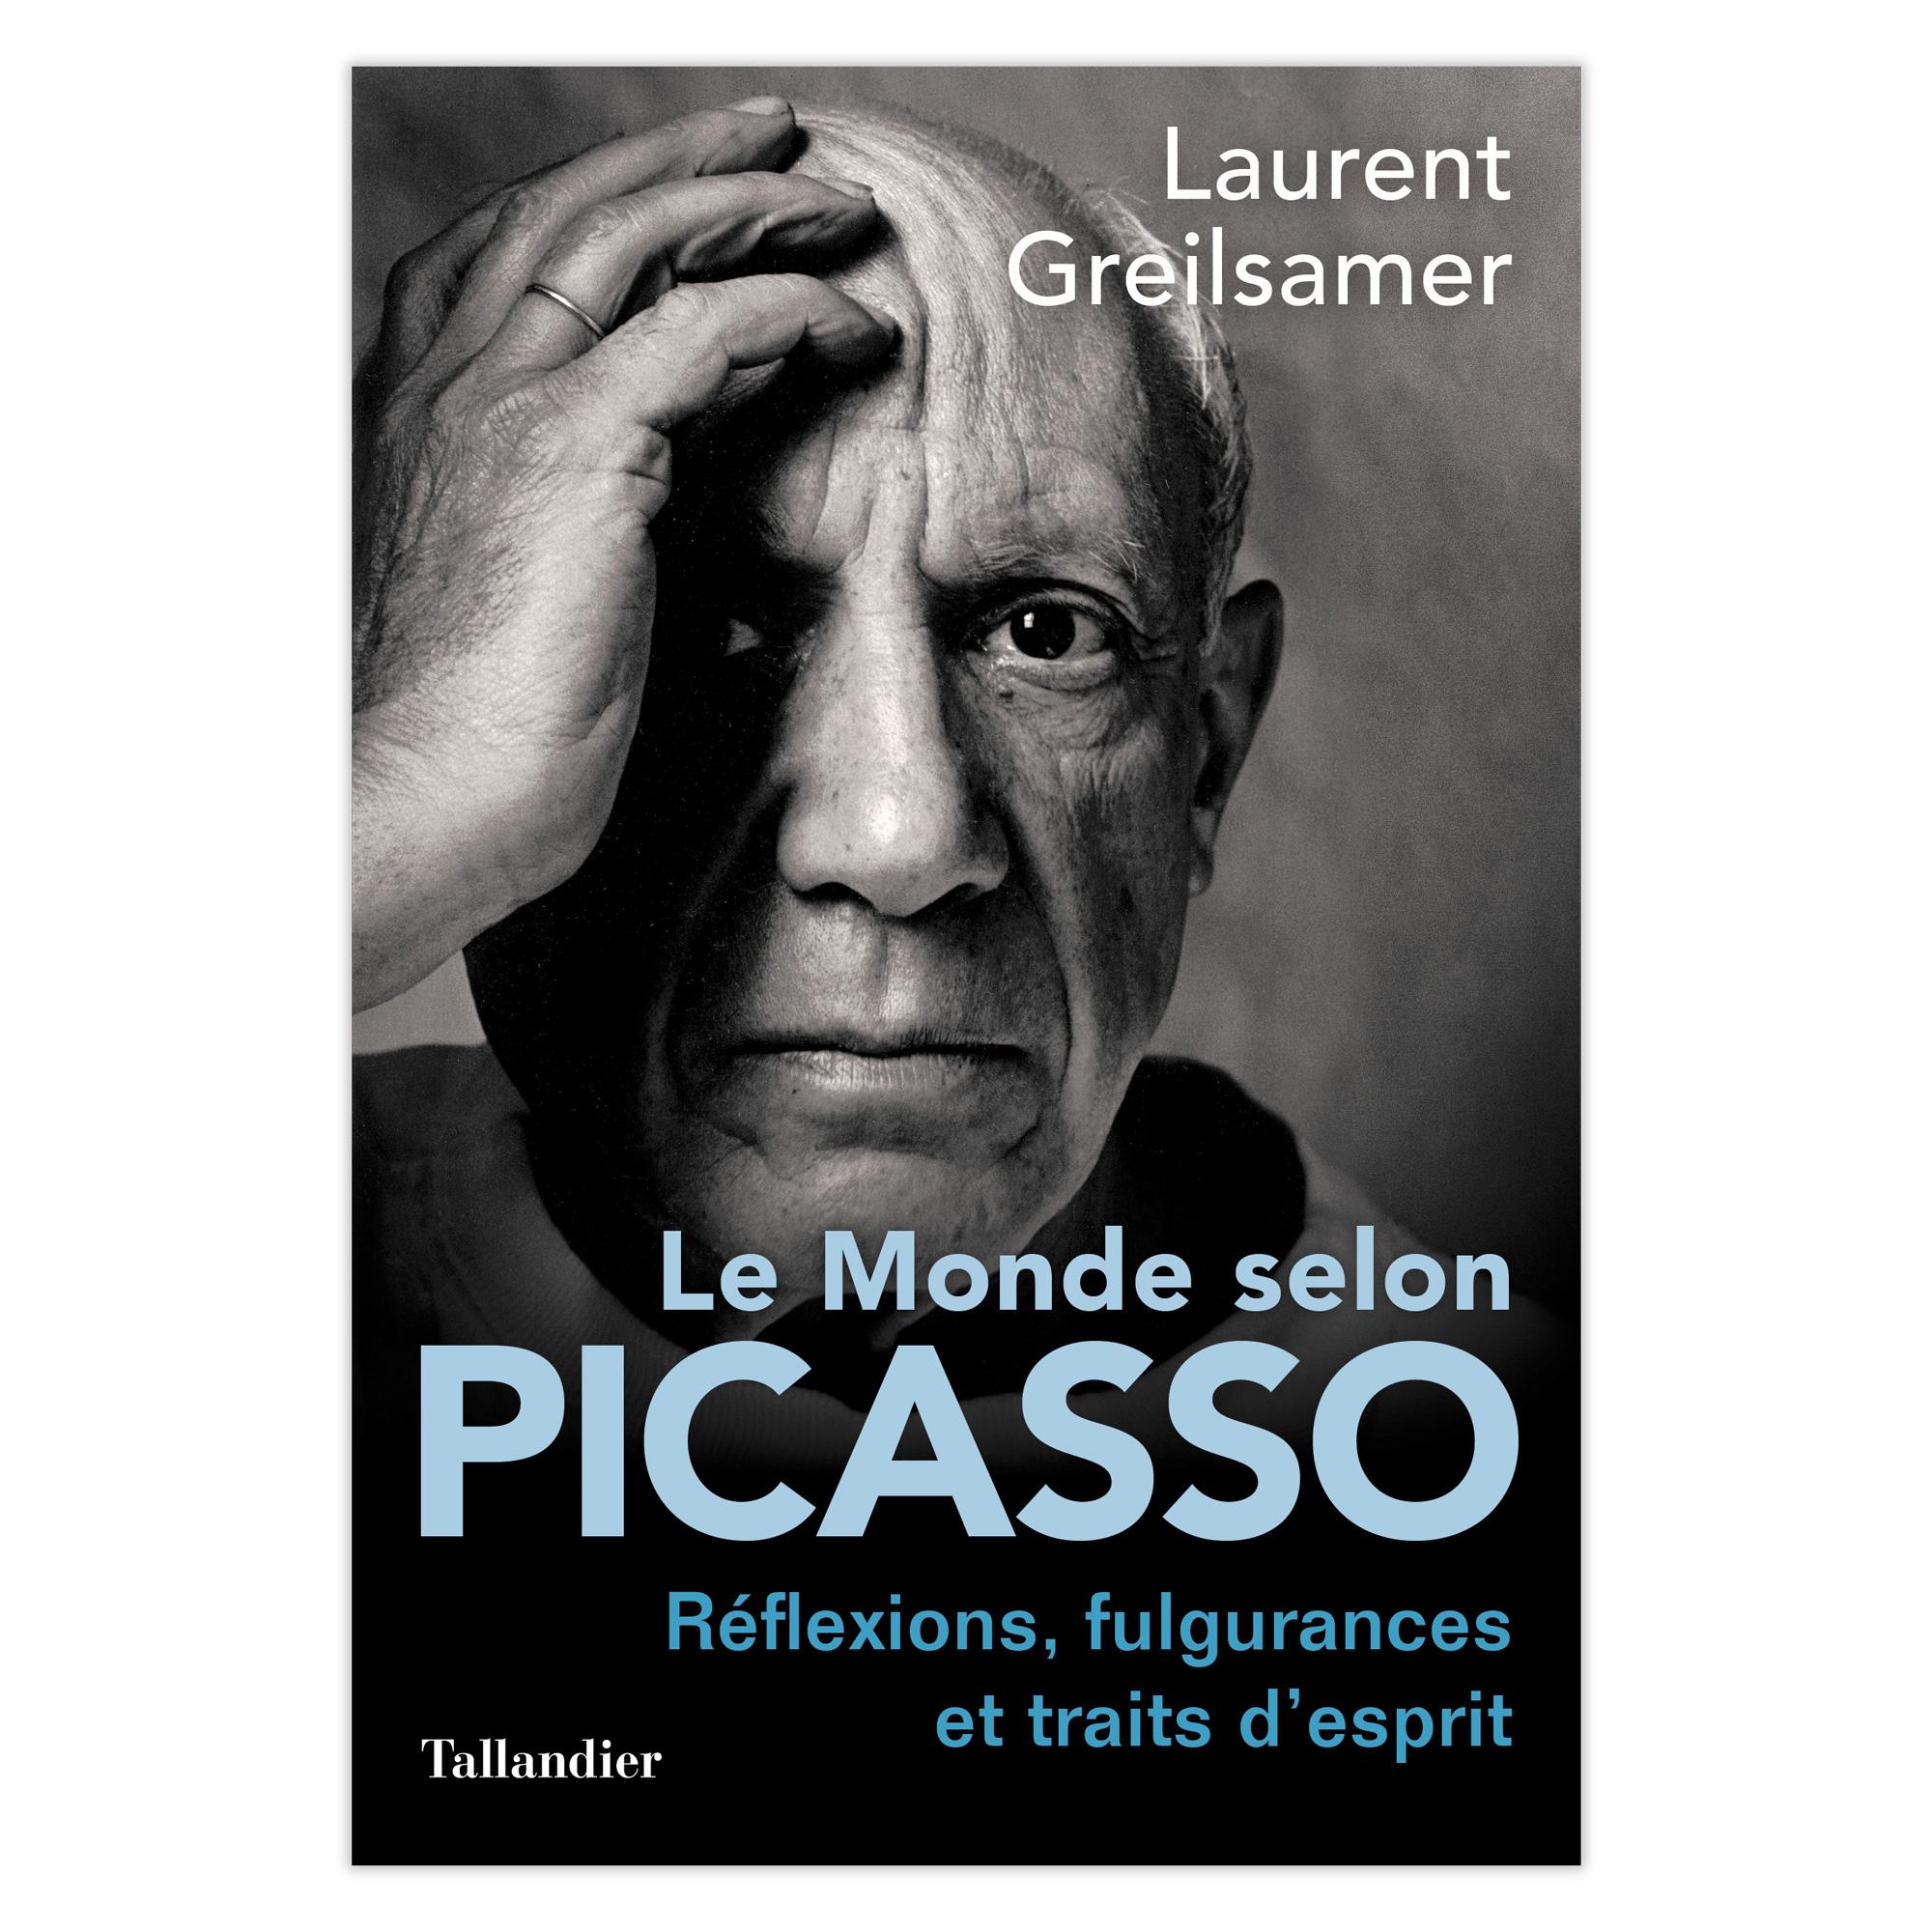 Citations de Picasso : Le Monde selon Picasso - Laurent Greilsamer